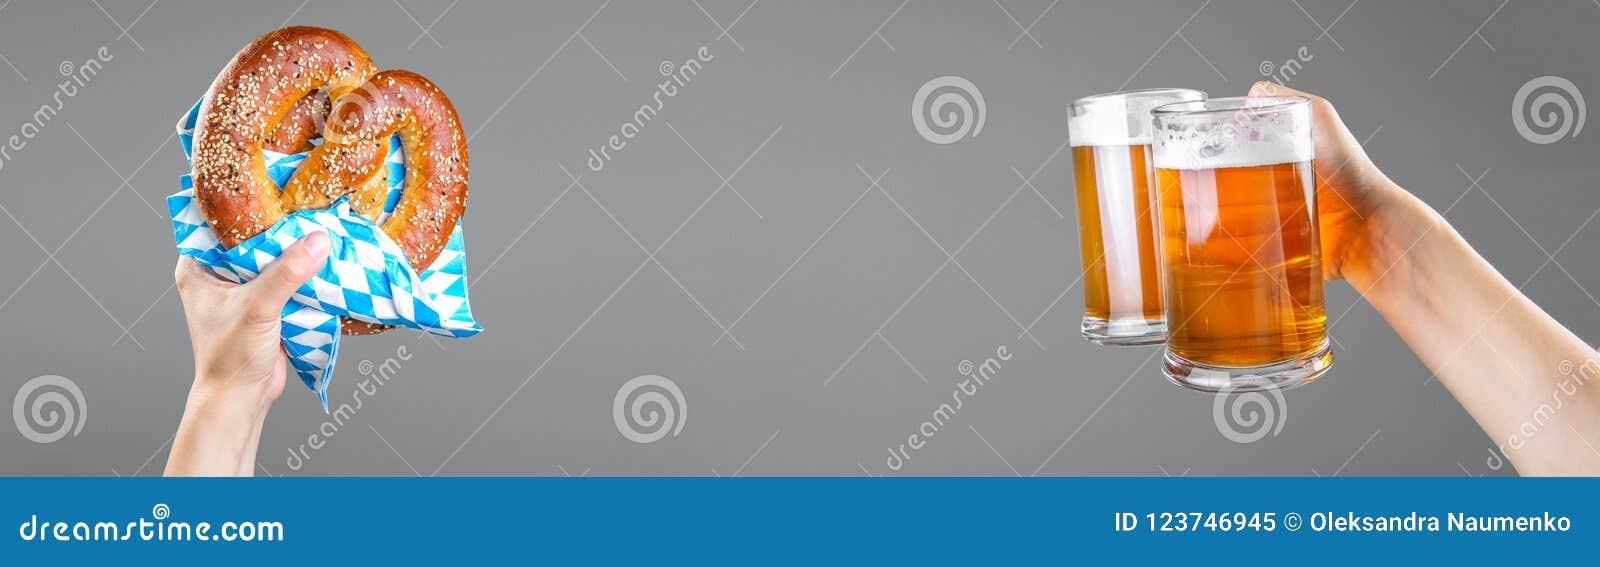 Concepto de Oktoberfest - manos que sostienen la cerveza y el pretzel